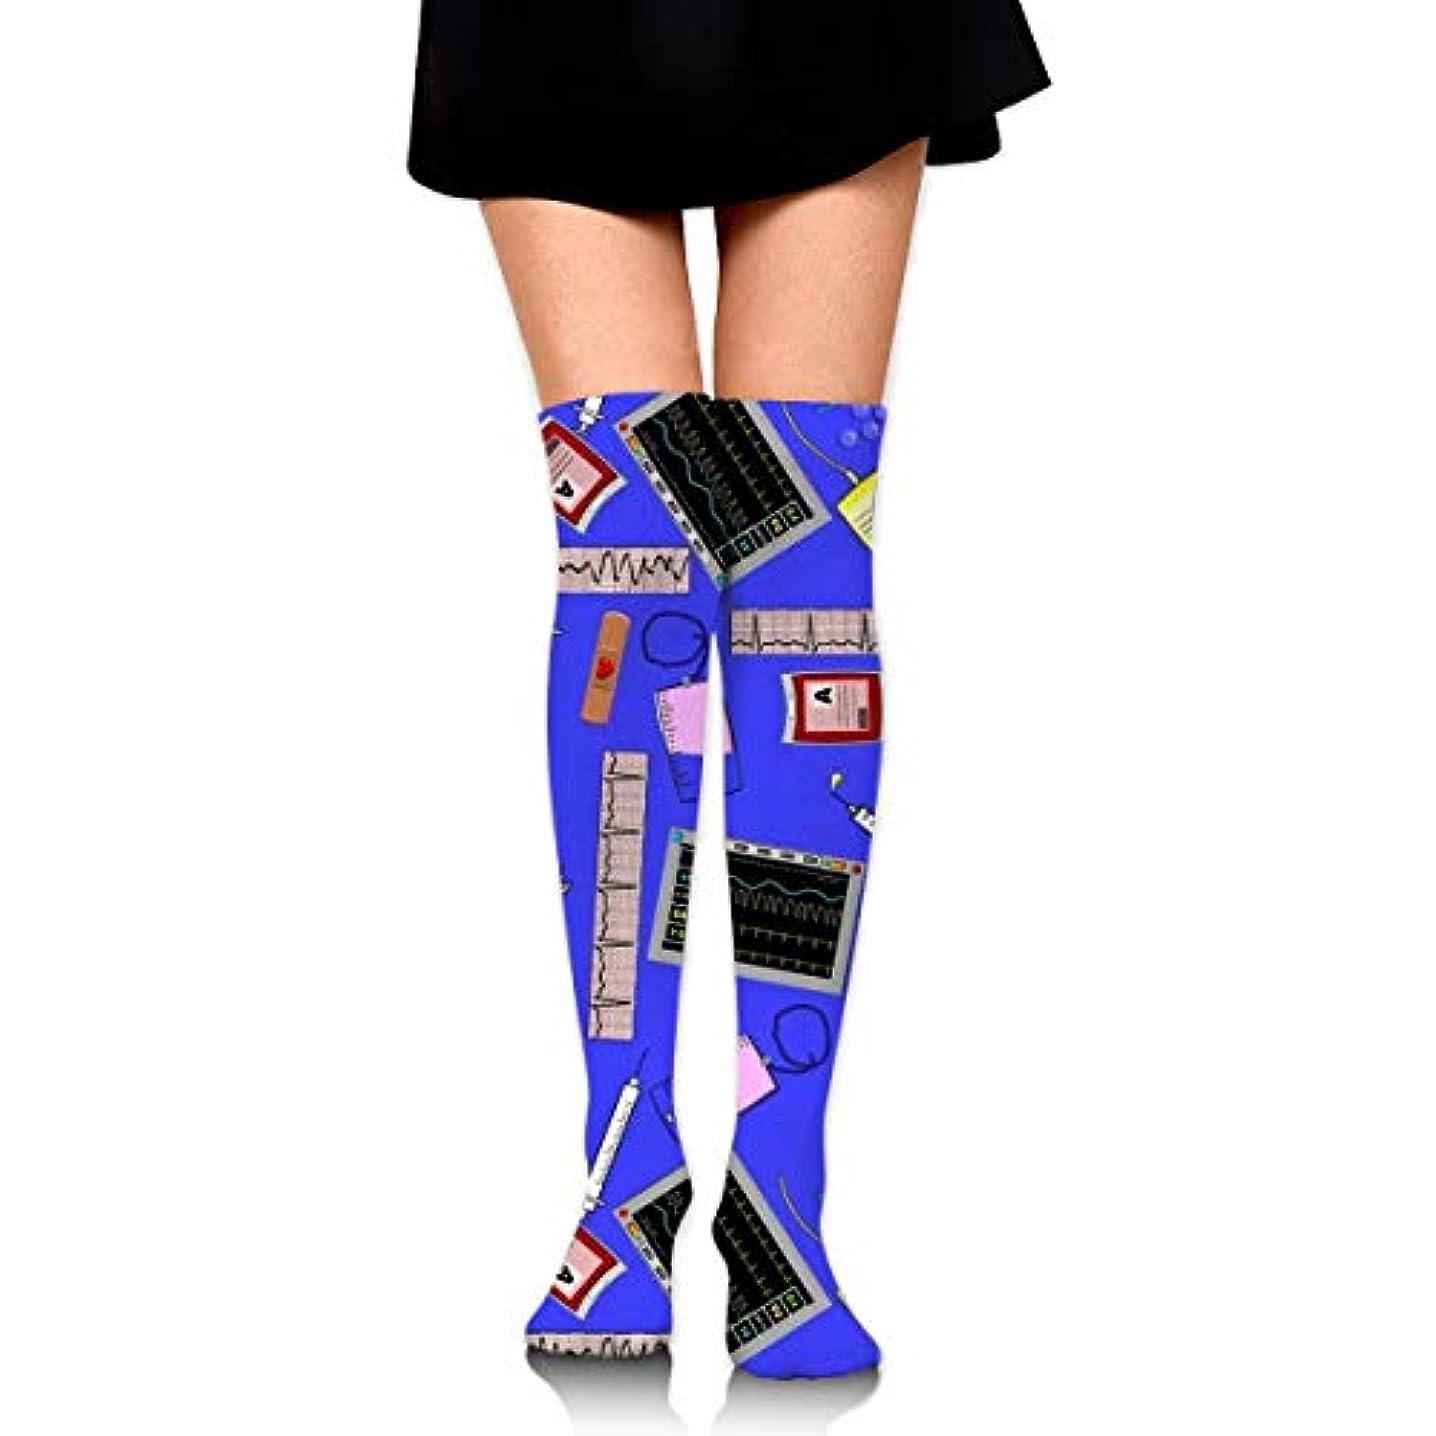 解明資料低下MKLOS 通気性 圧縮ソックス Breathable Extra Long Cotton Thigh High Hospital Nurse Theme Royal Blue Socks Over Exotic Psychedelic...